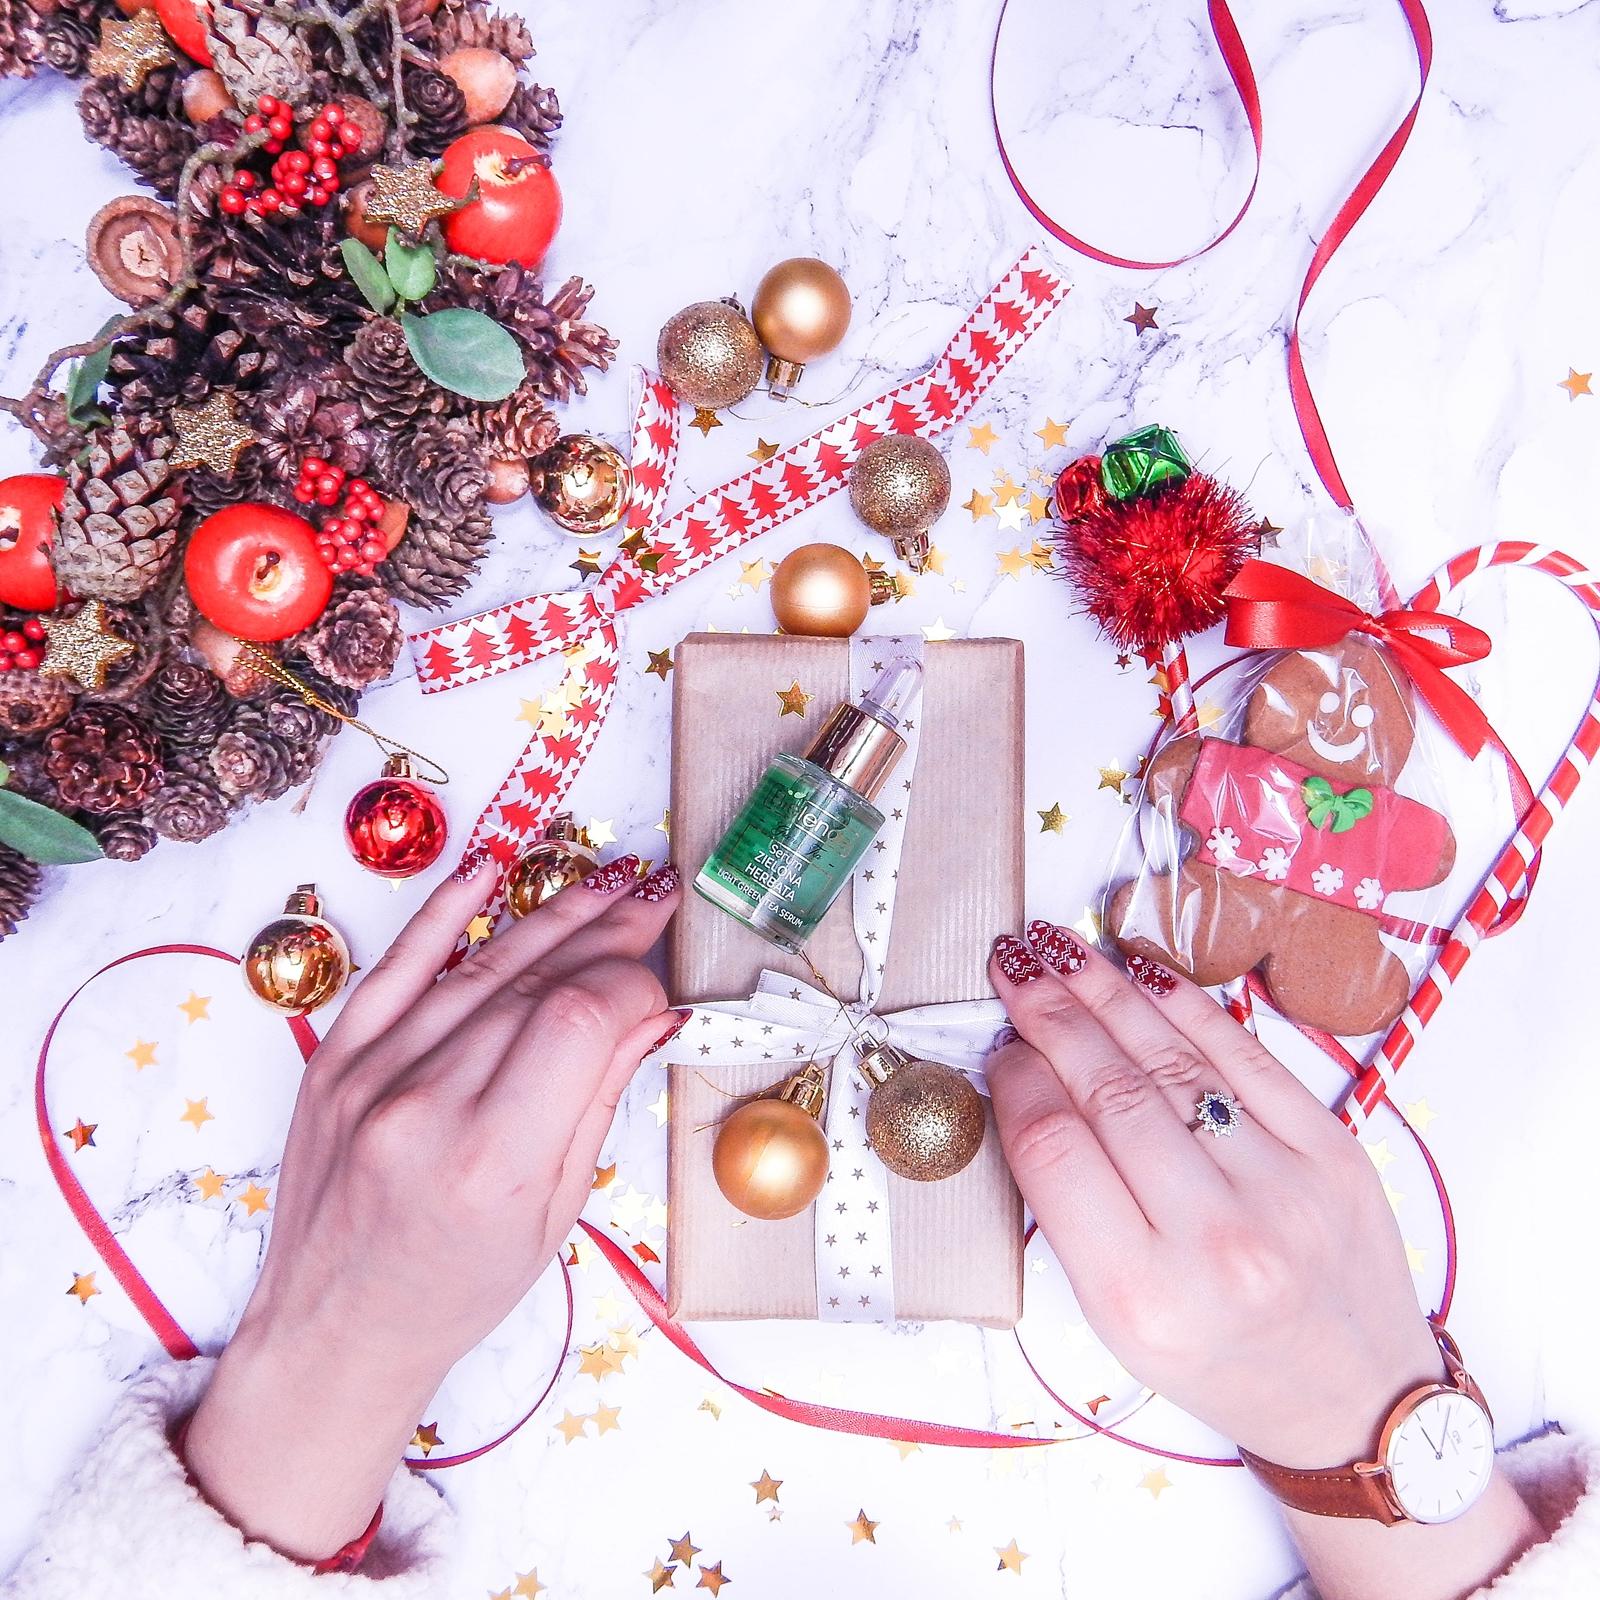 3 100 pomysłów co robić w grudniu co robić w święta jak spędzić święta z rodziną ze znajomymi jak nie nudzić się w święta zimą aktywności pomysły na zimowe grudniowe wieczory co przygotować jak do bożego narodzenia